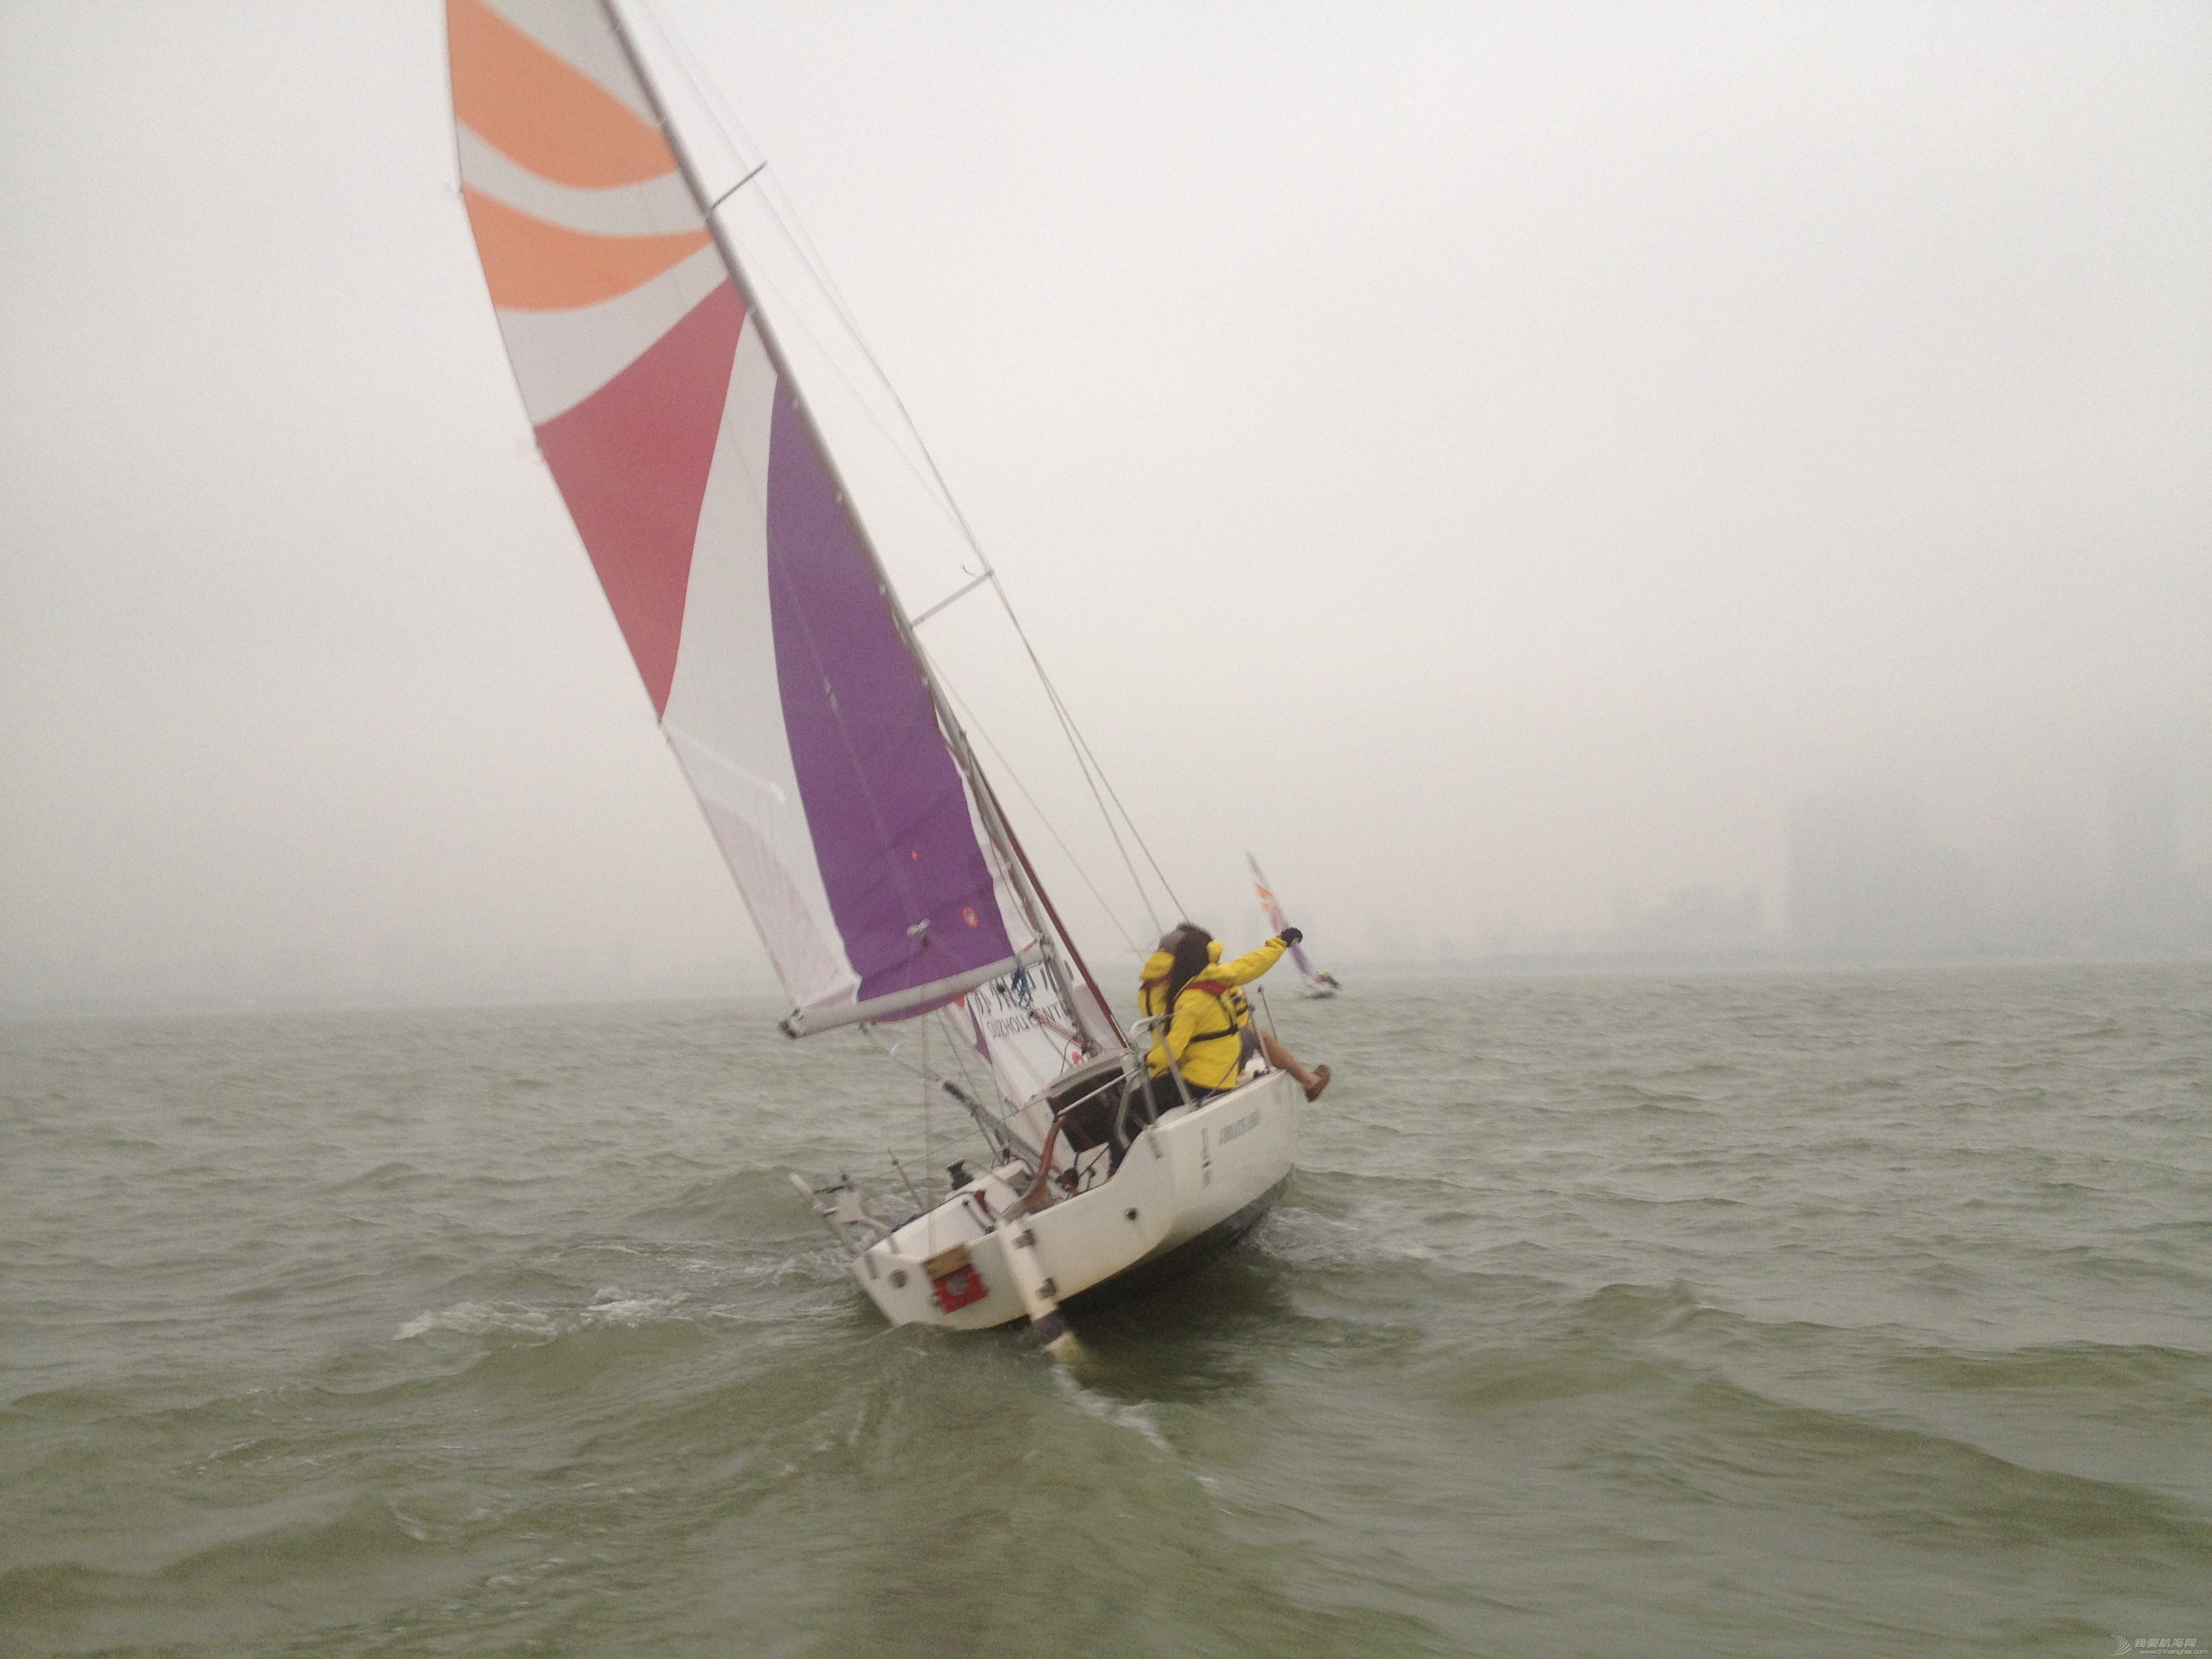 金鸡,苏州 苏州金鸡湖帆船赛-我的处女赛 IMG_2800.JPG